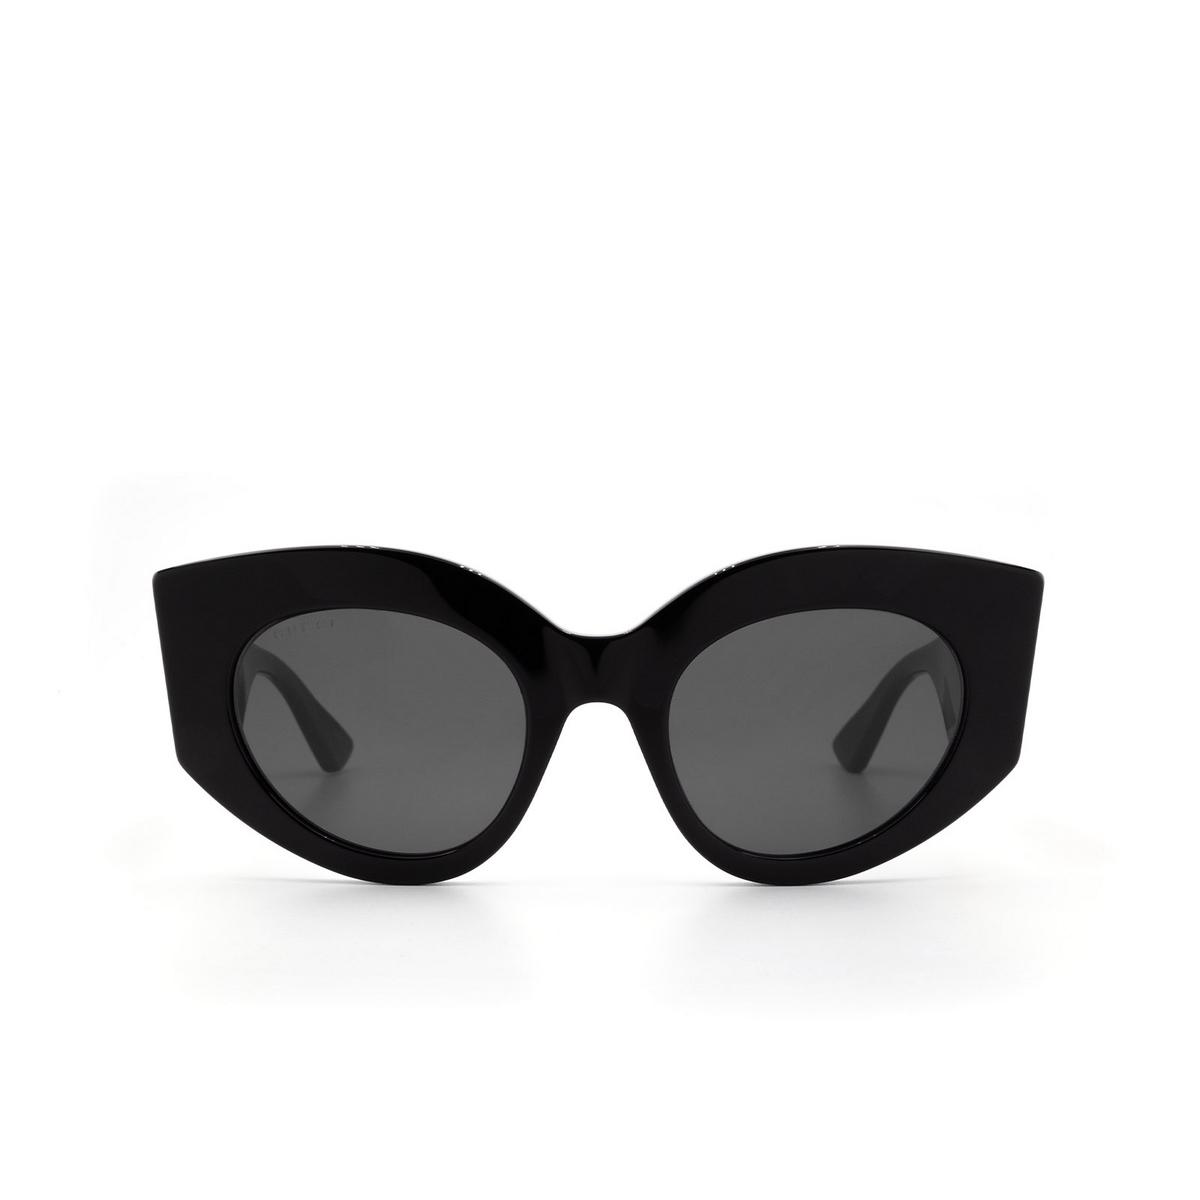 Gucci® Cat-eye Sunglasses: GG0275S color Black 001 - 1/3.